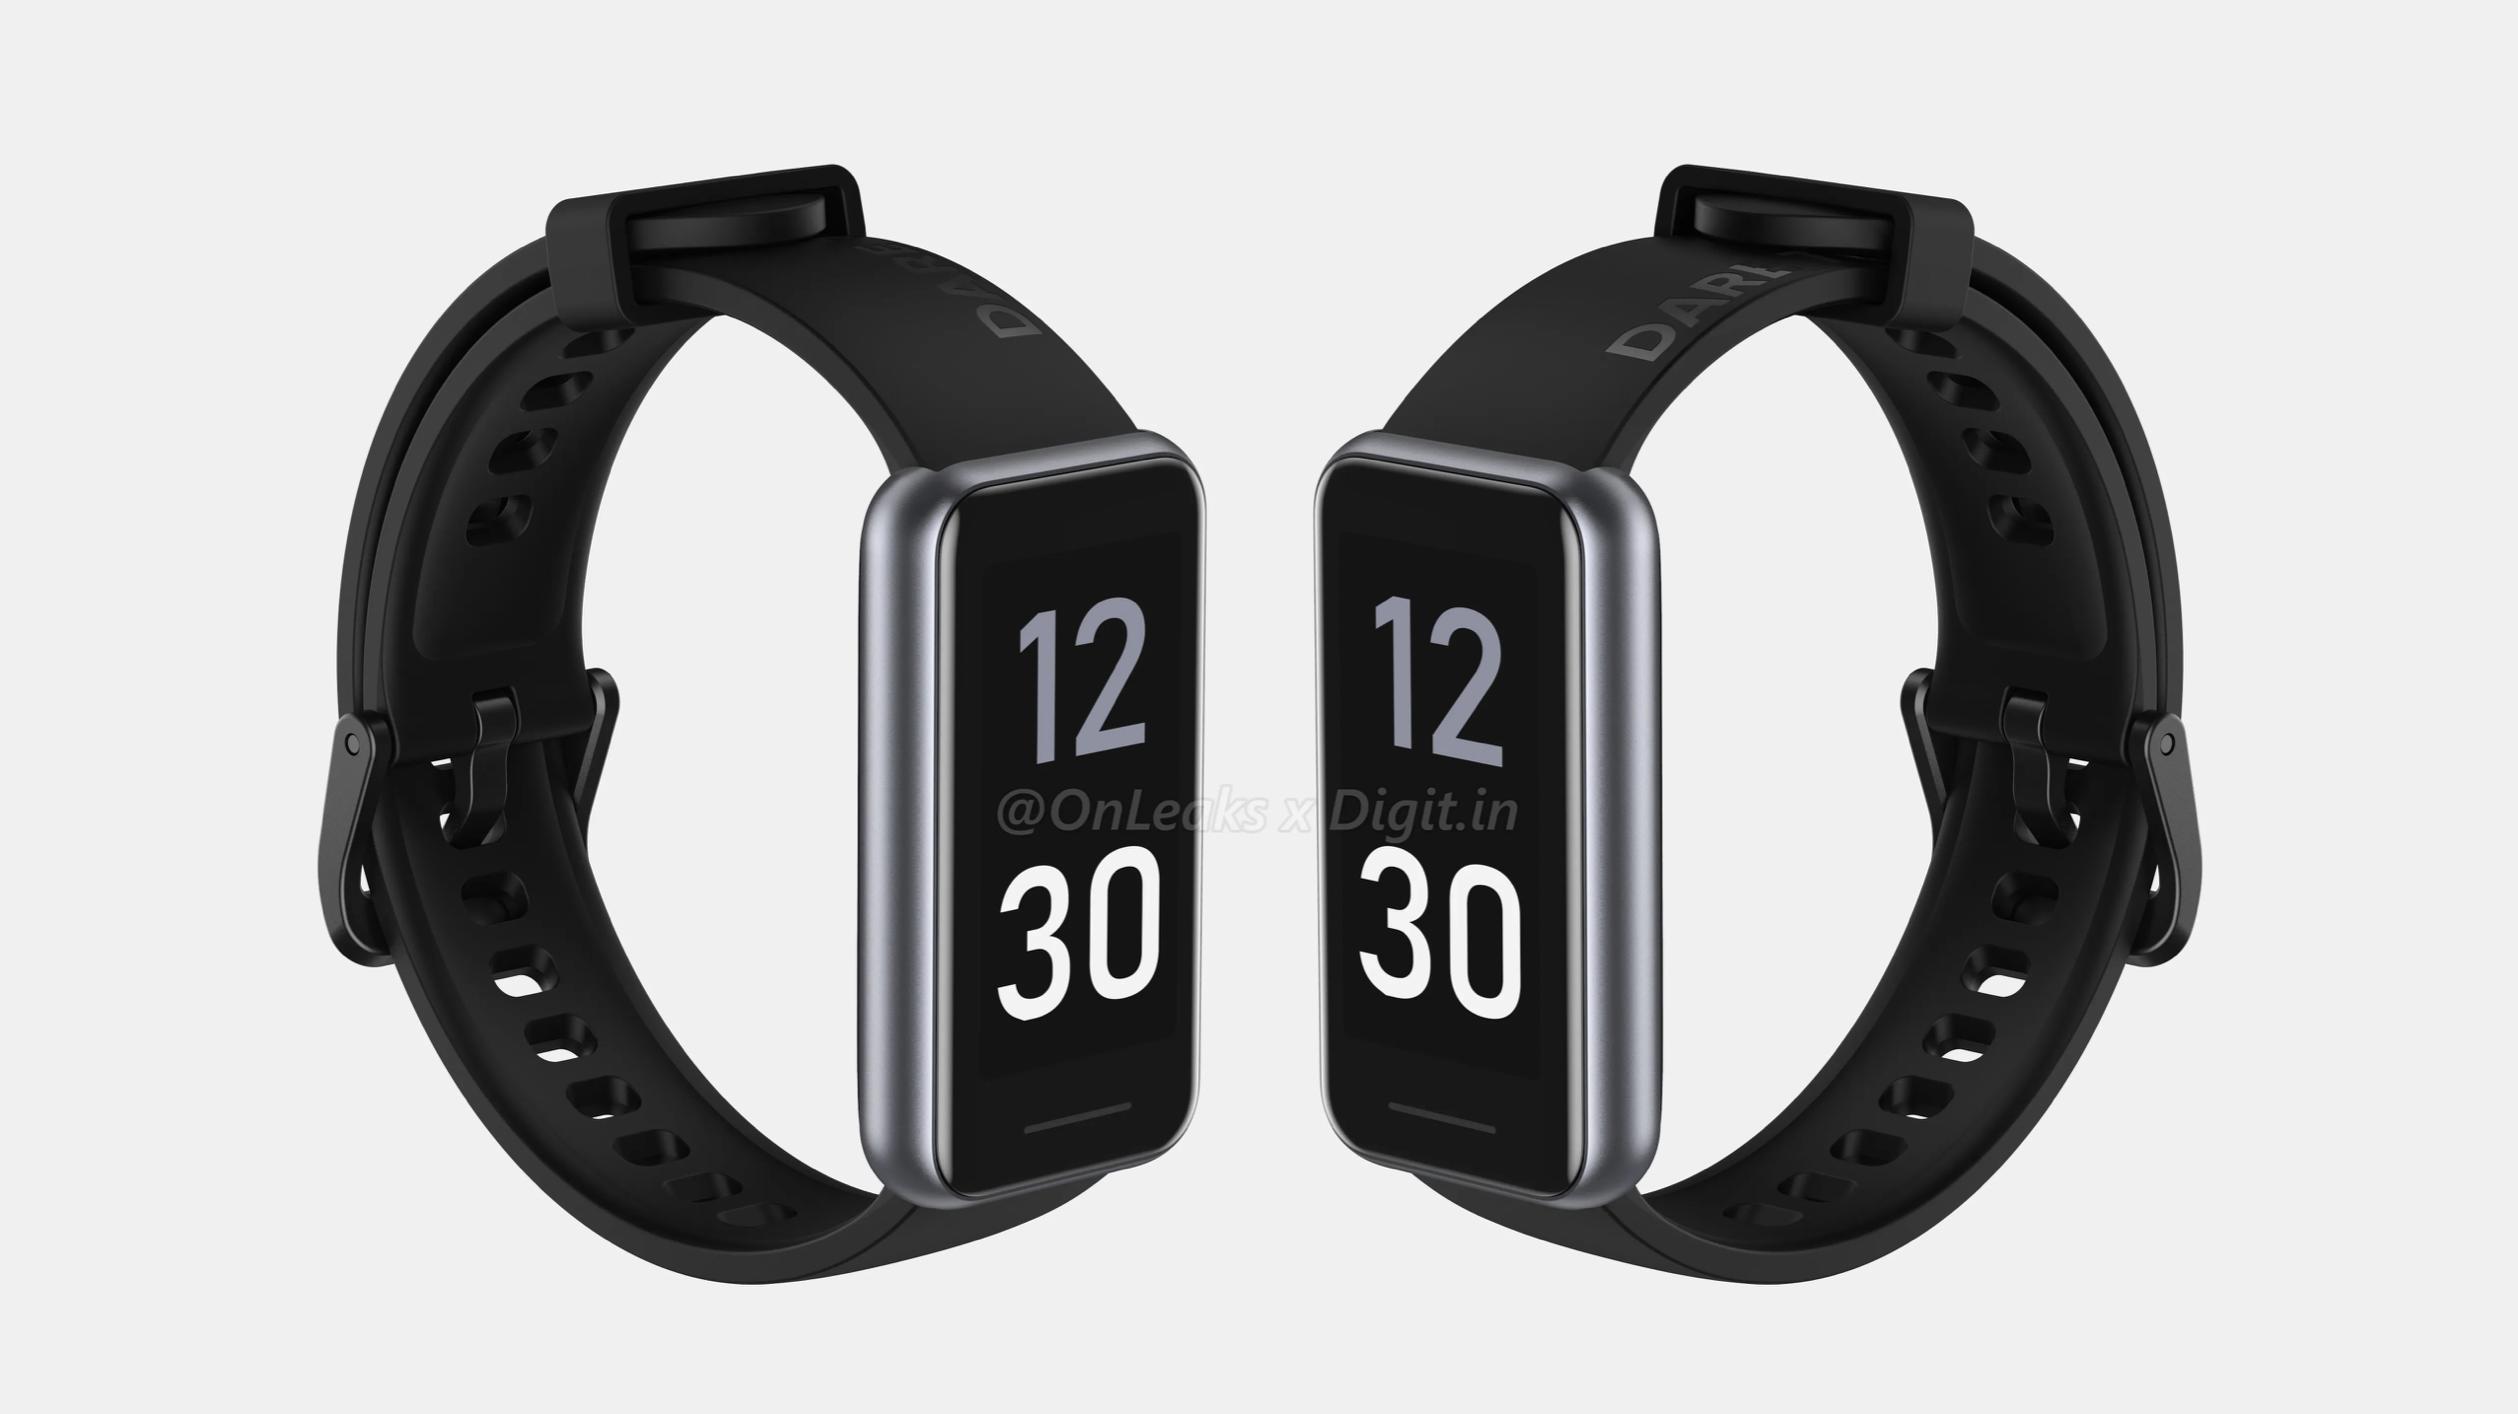 Смарт-браслет Realme Band 2 с экраном на 1.4 дюйма, защитой IP68 и датчиком измерения SpO2 представят уже на этой неделе